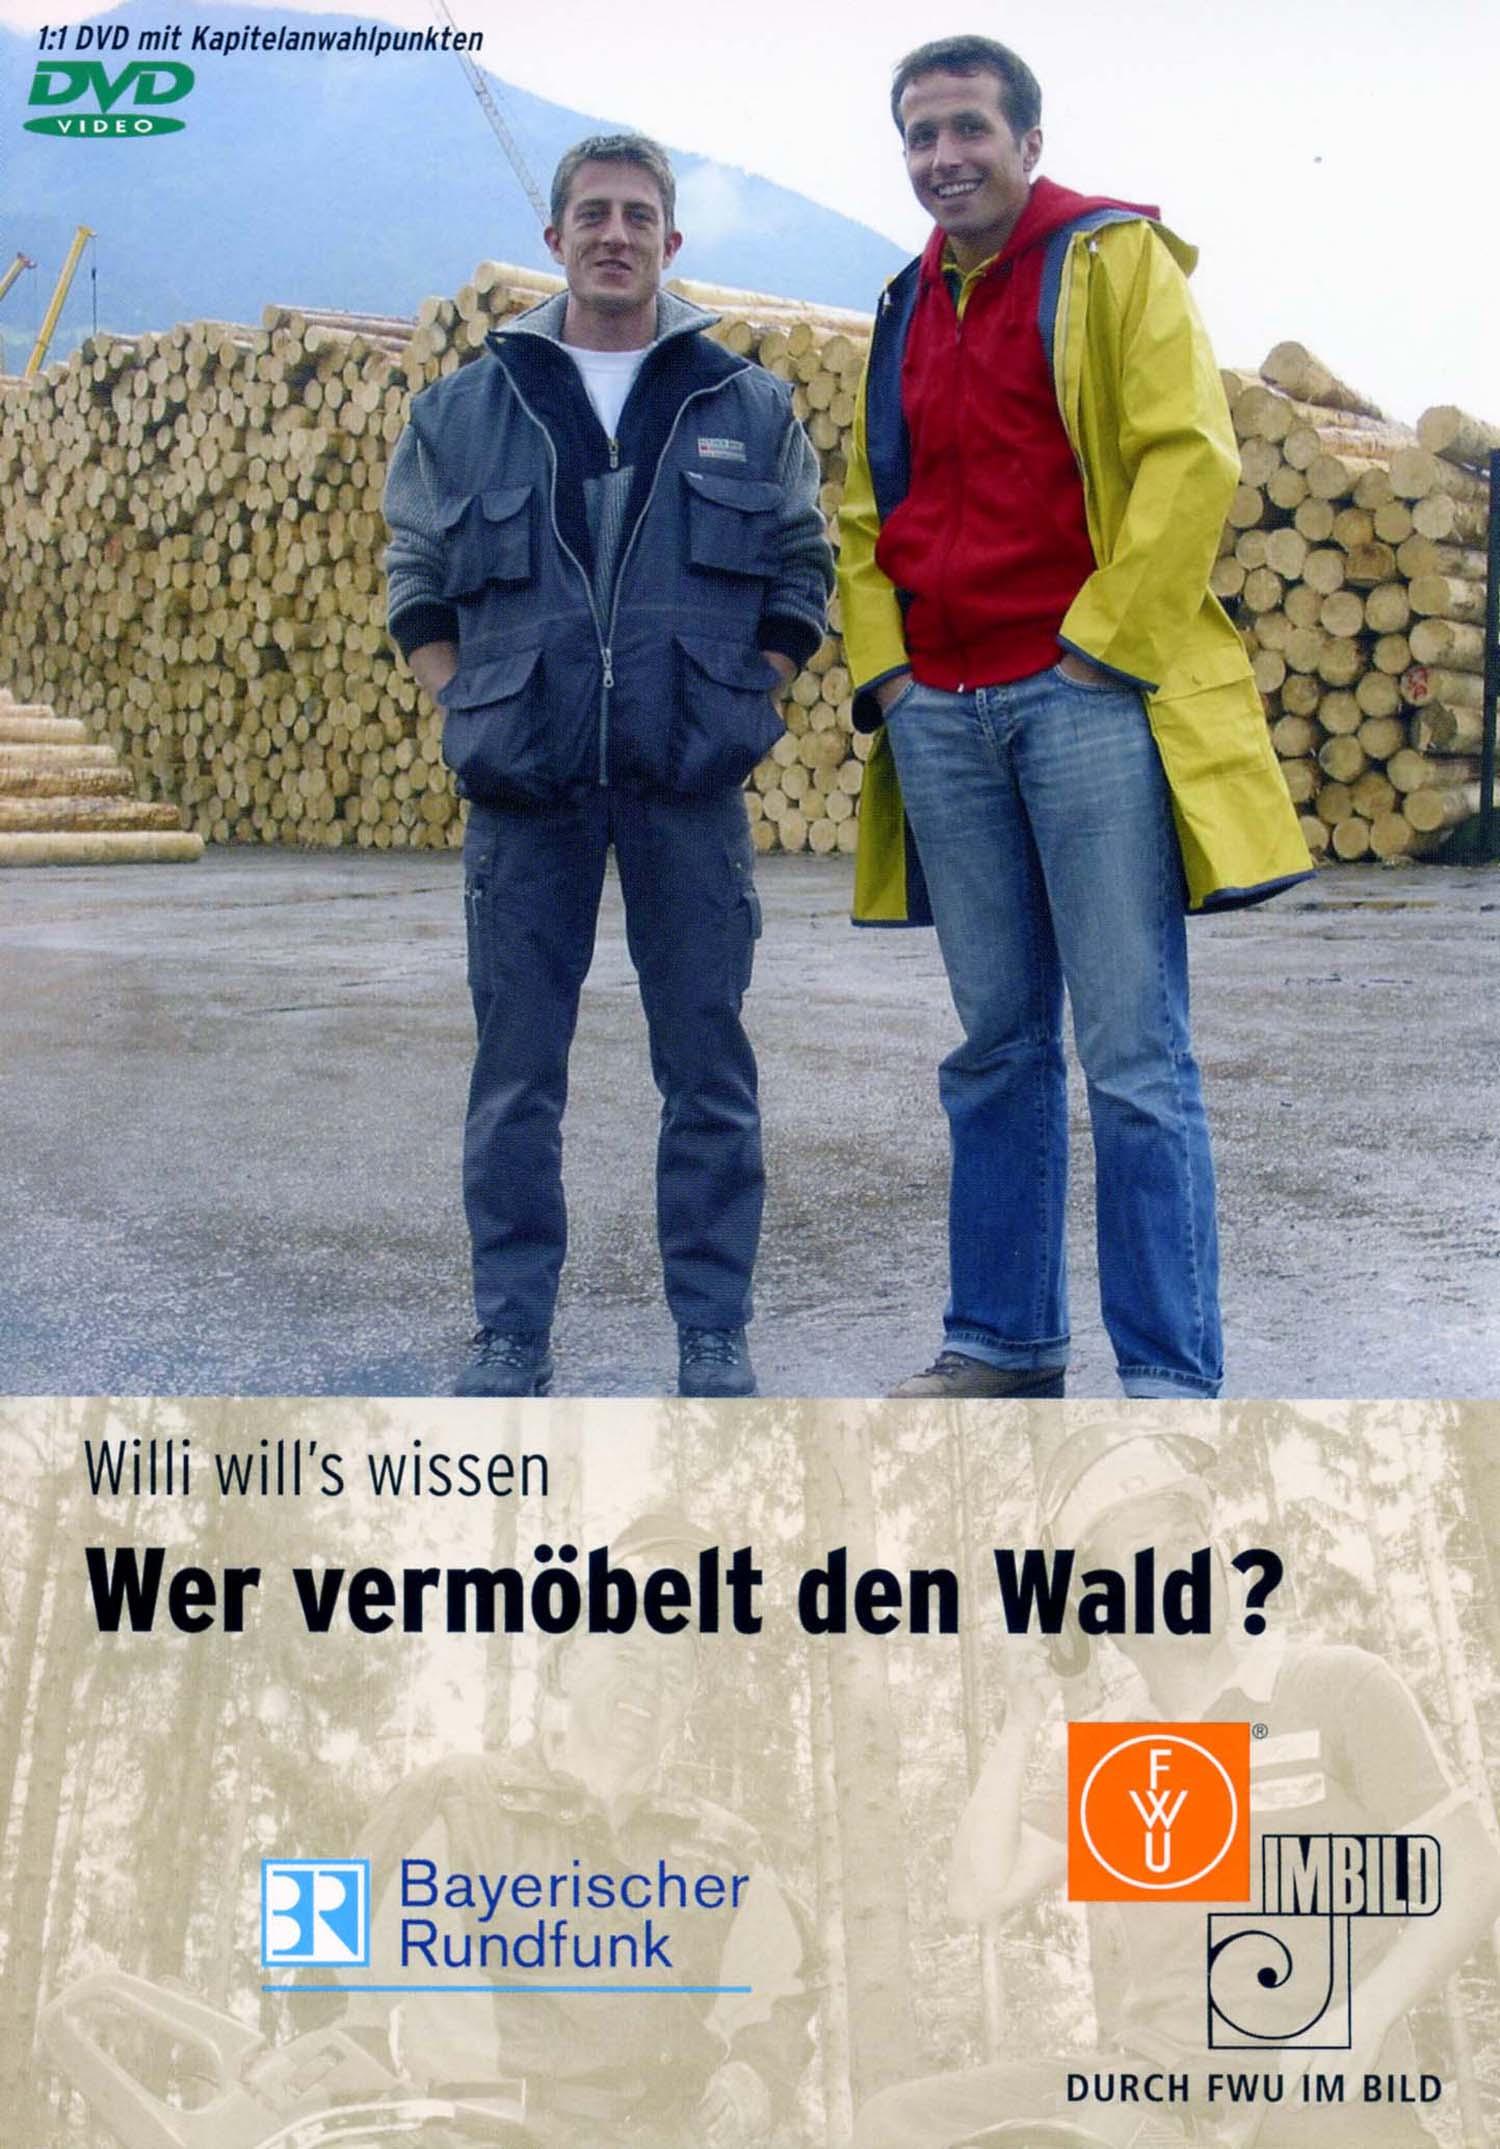 Willi will´s wissen: Wer vermöbelt den Wald?